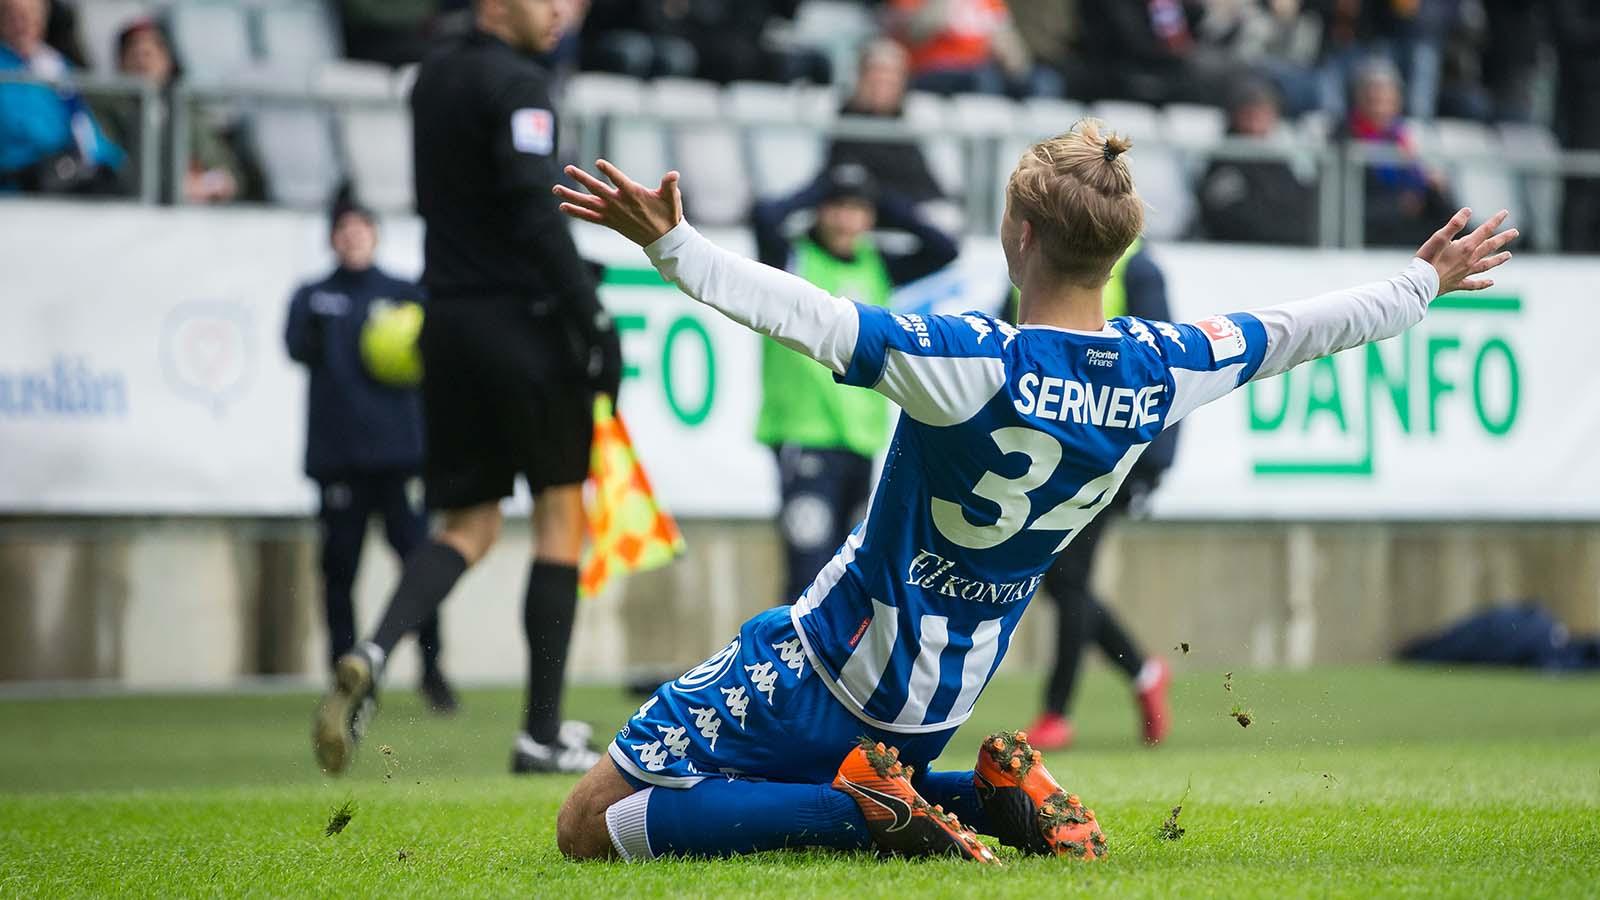 180324 IFK Göteborgs Benjamin Nygren jublar efter att ha gjort avgörande 1-0 målet under en träningsmatch i fotboll mellan IFK Göteborg och Örgryte den 24 mars 2018 i Göteborg. Foto: Michael Erichsen / BILDBYRÅN / Cop 89